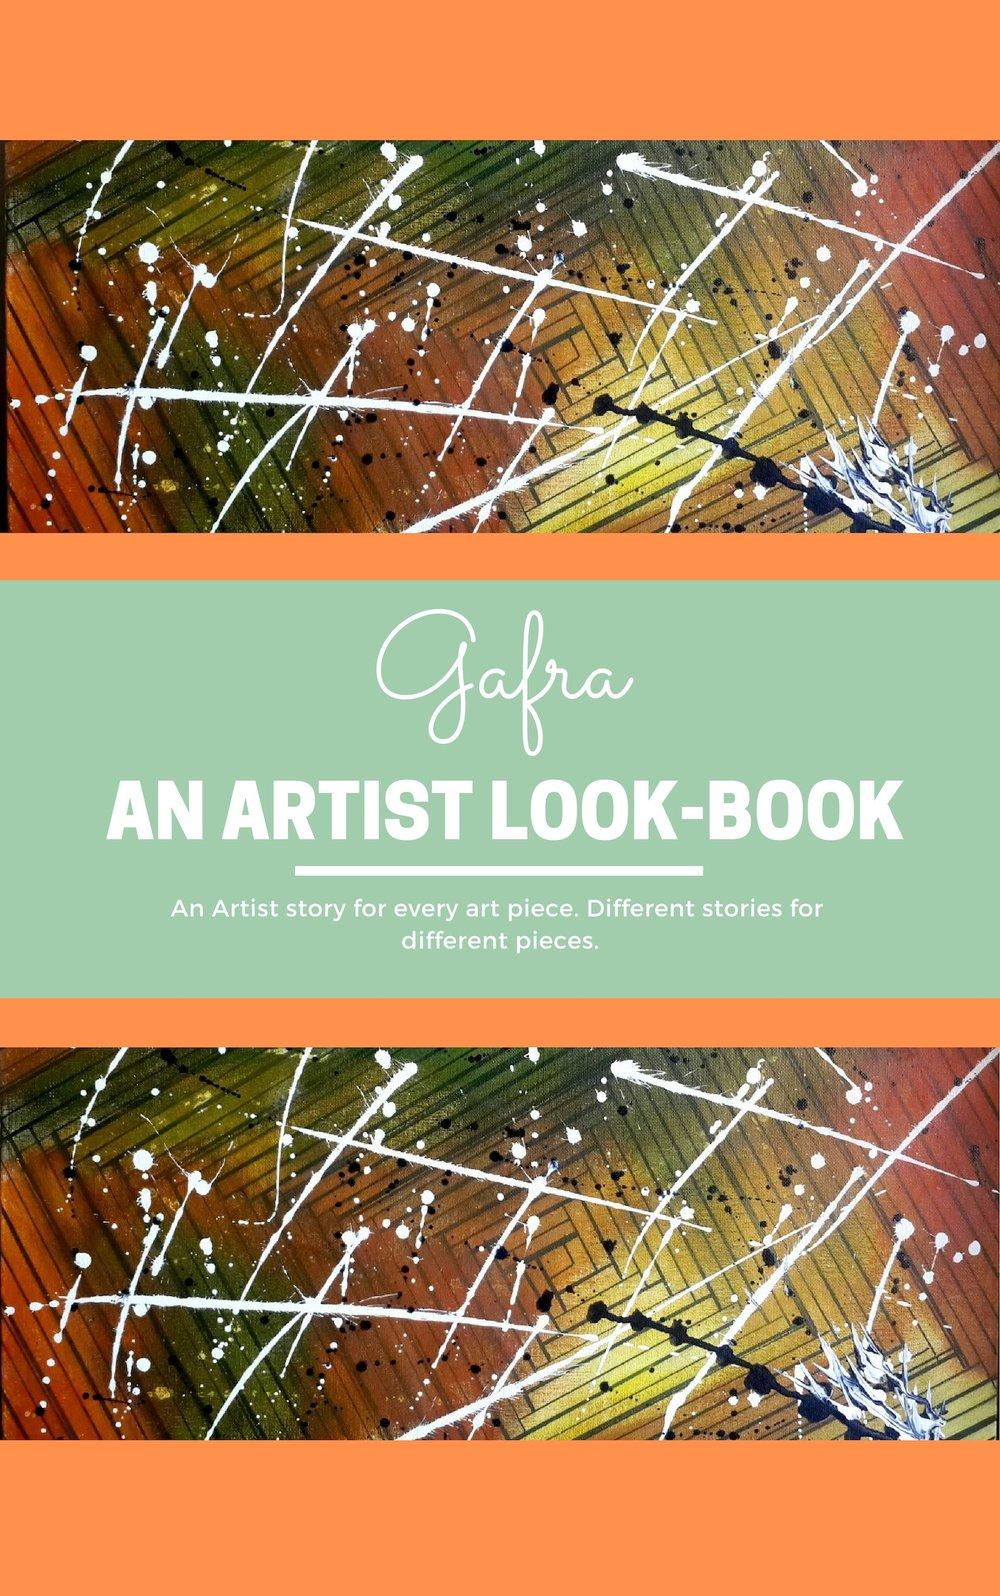 Artist Look-Book. gafra.org